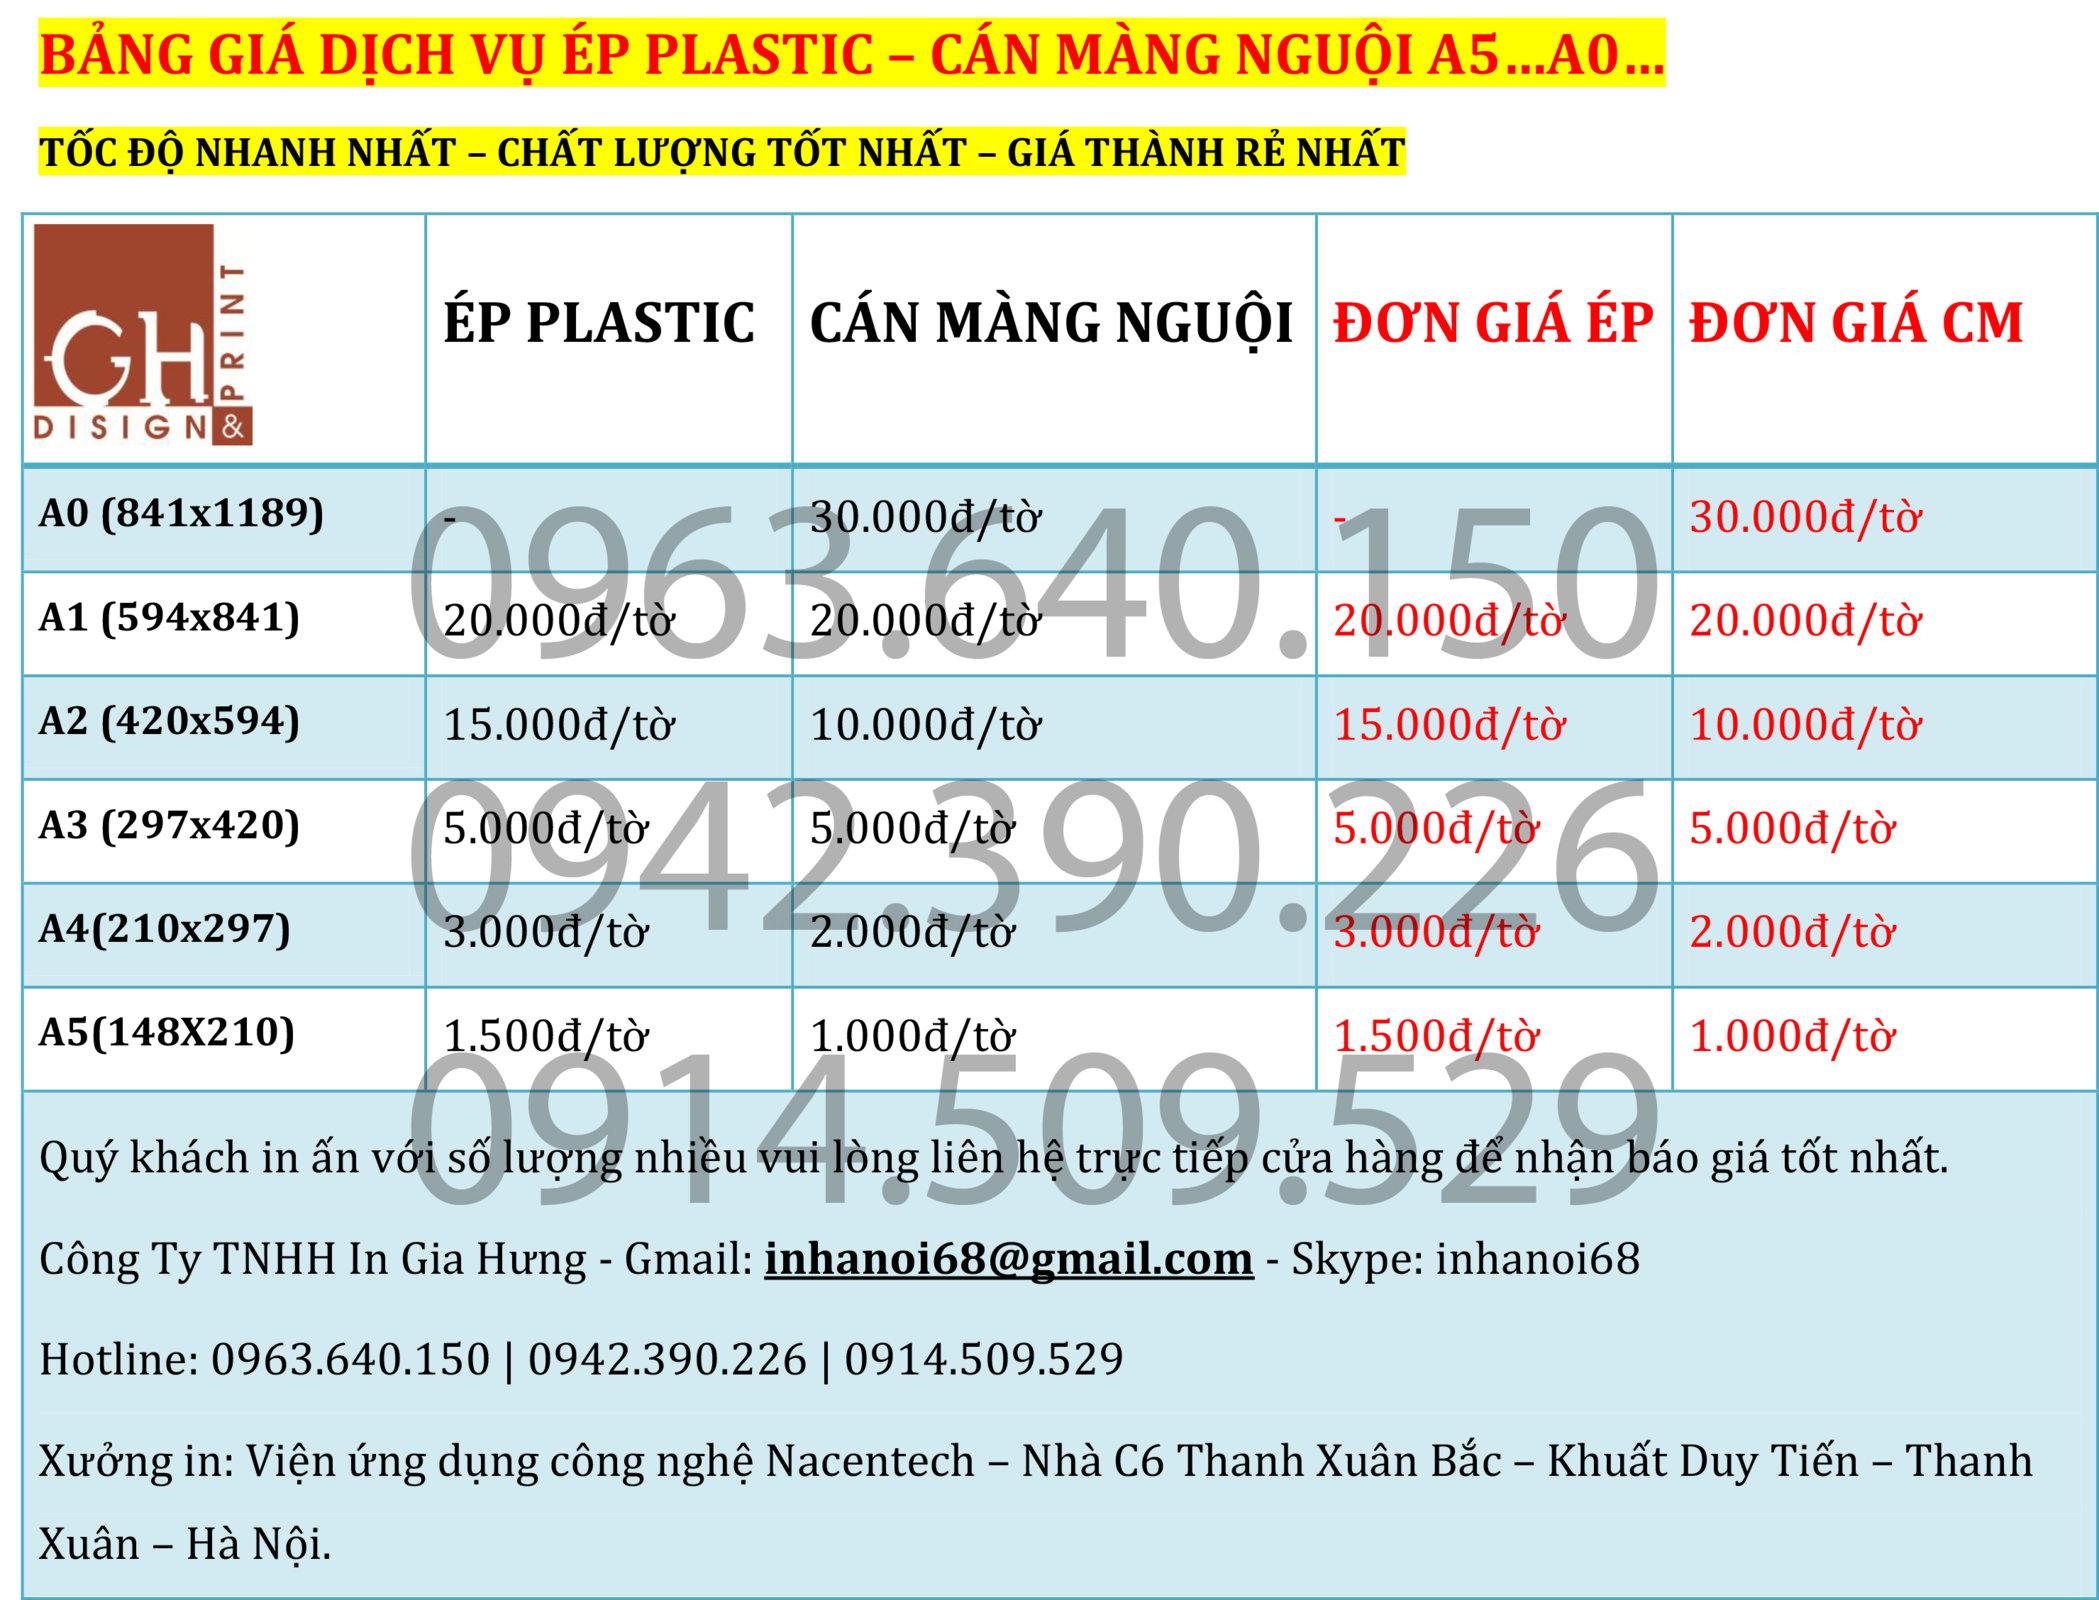 10. BẢNG GIÁ DỊCH VỤ ÉP PLASTIC – CÁN MÀNG NGUỘI A5…A0…-1.